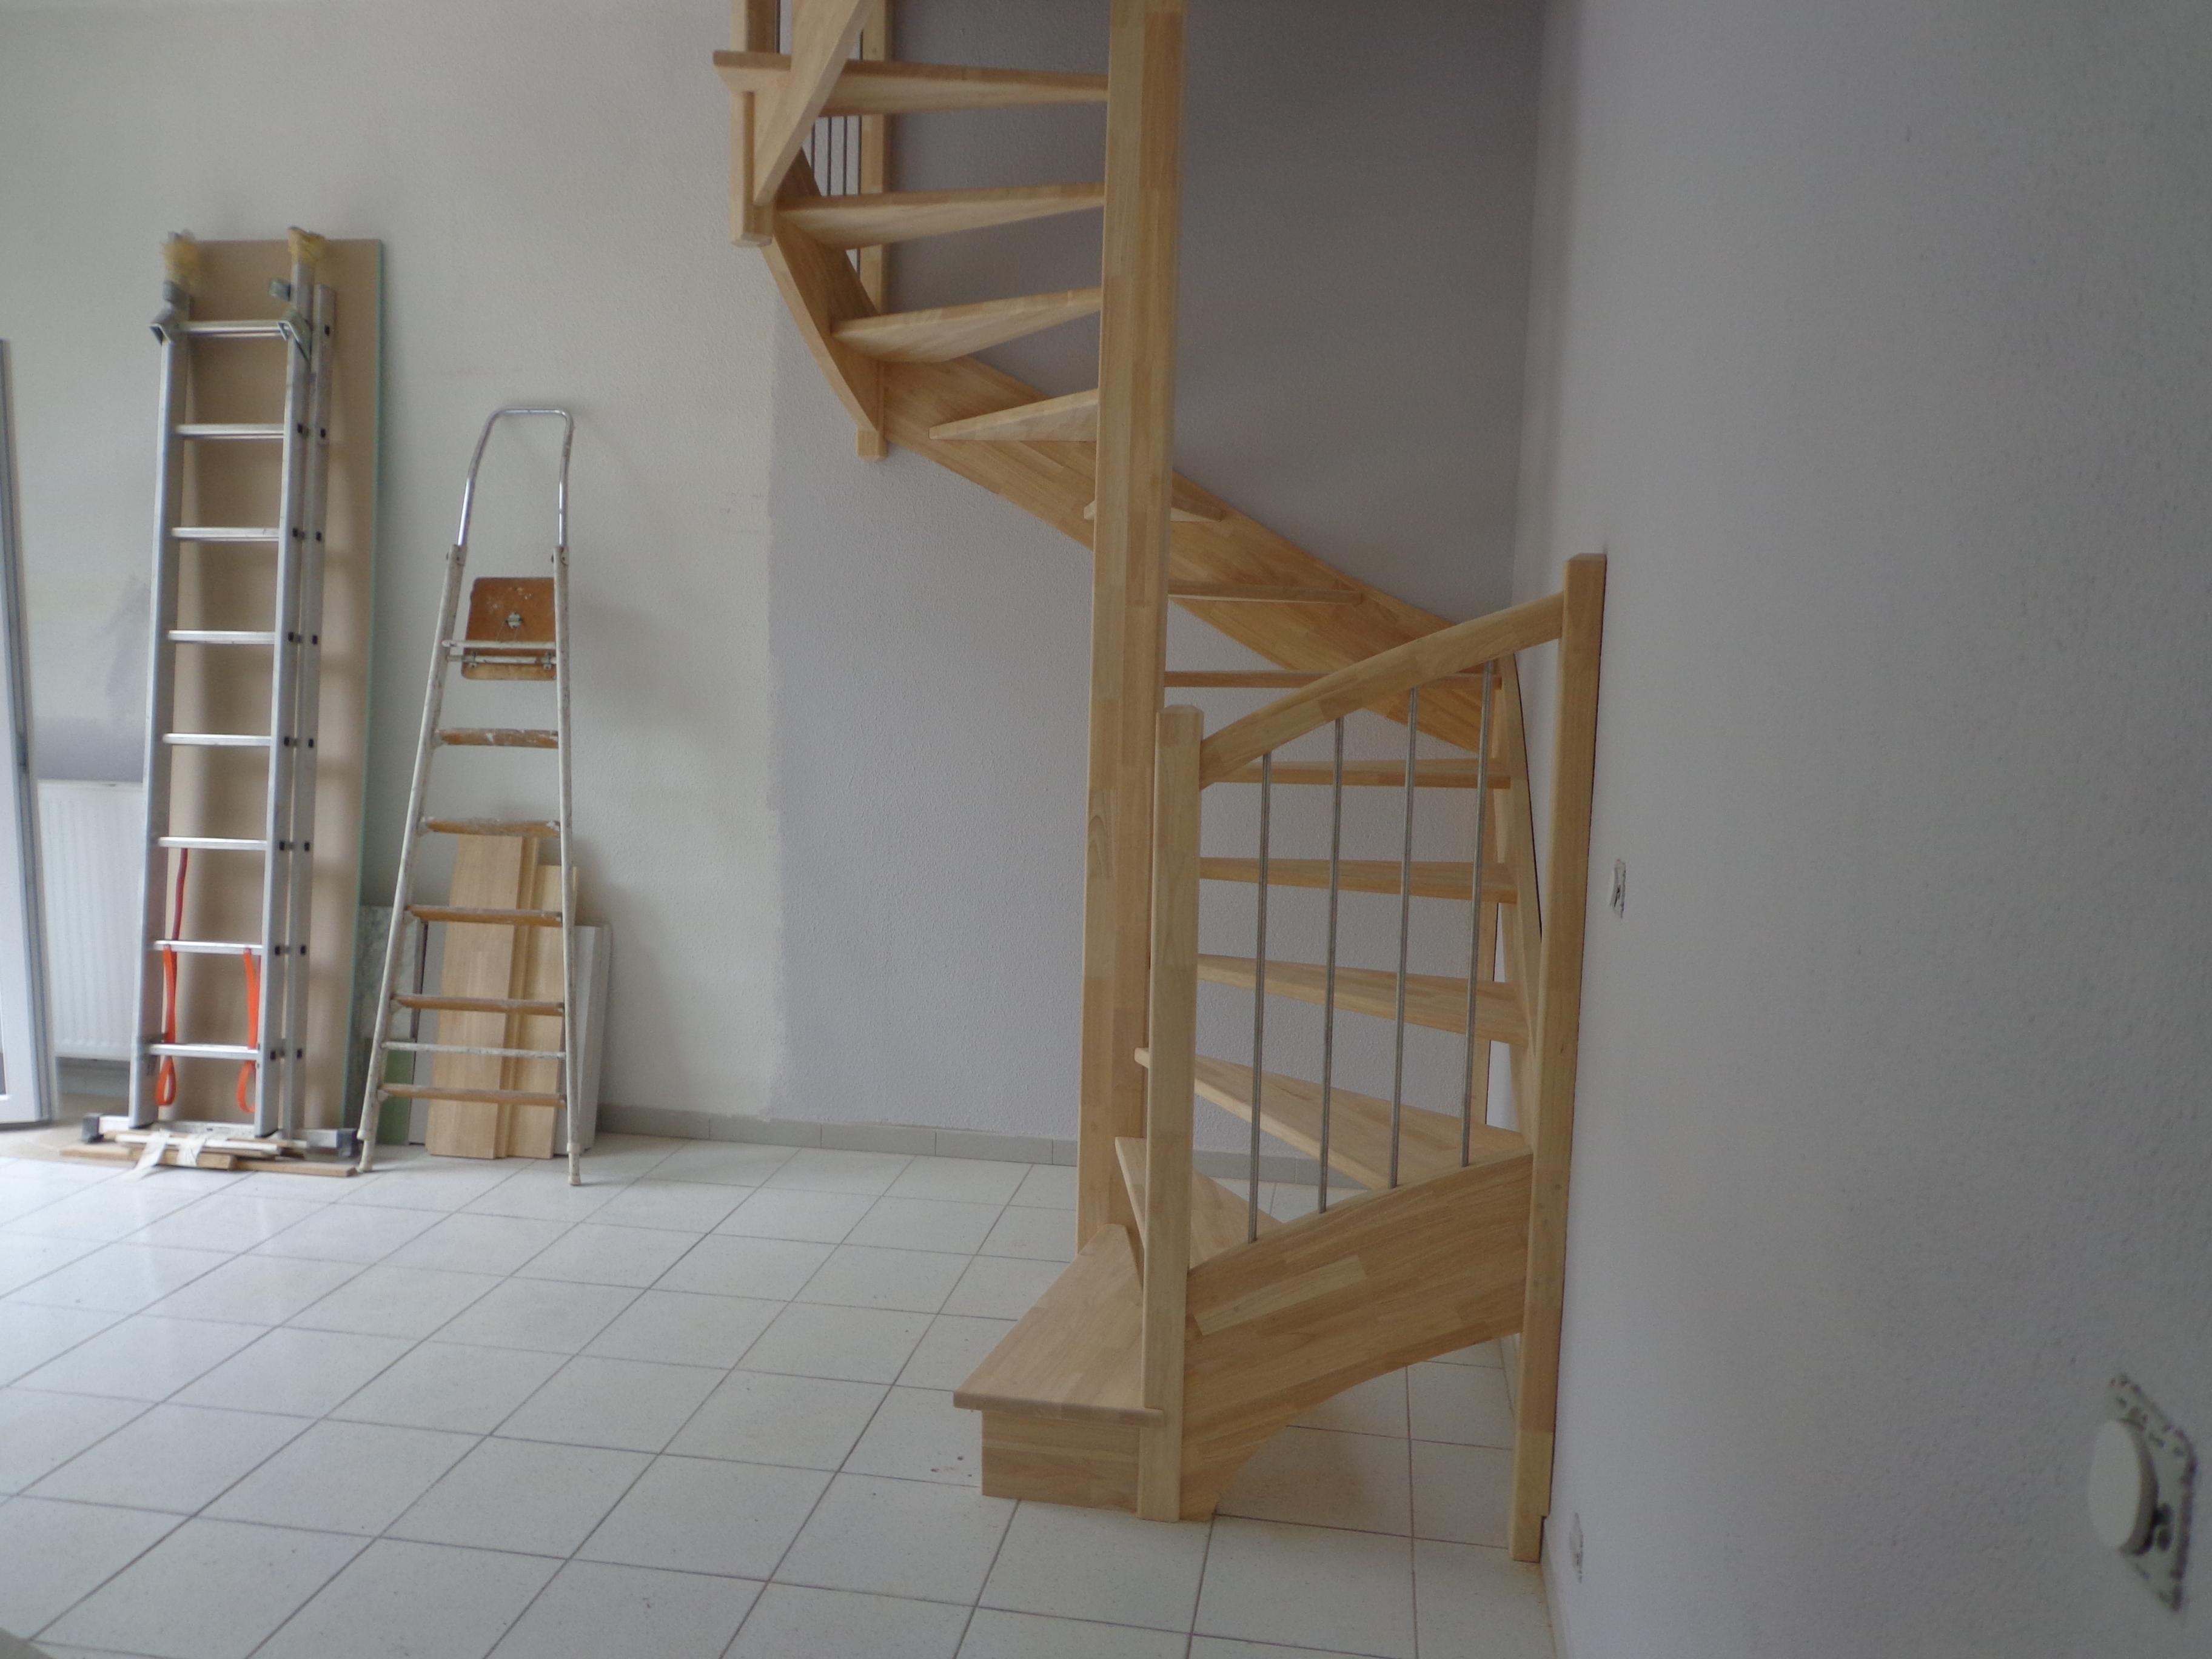 escaliers en s, spirale carré, 3 quart tournant